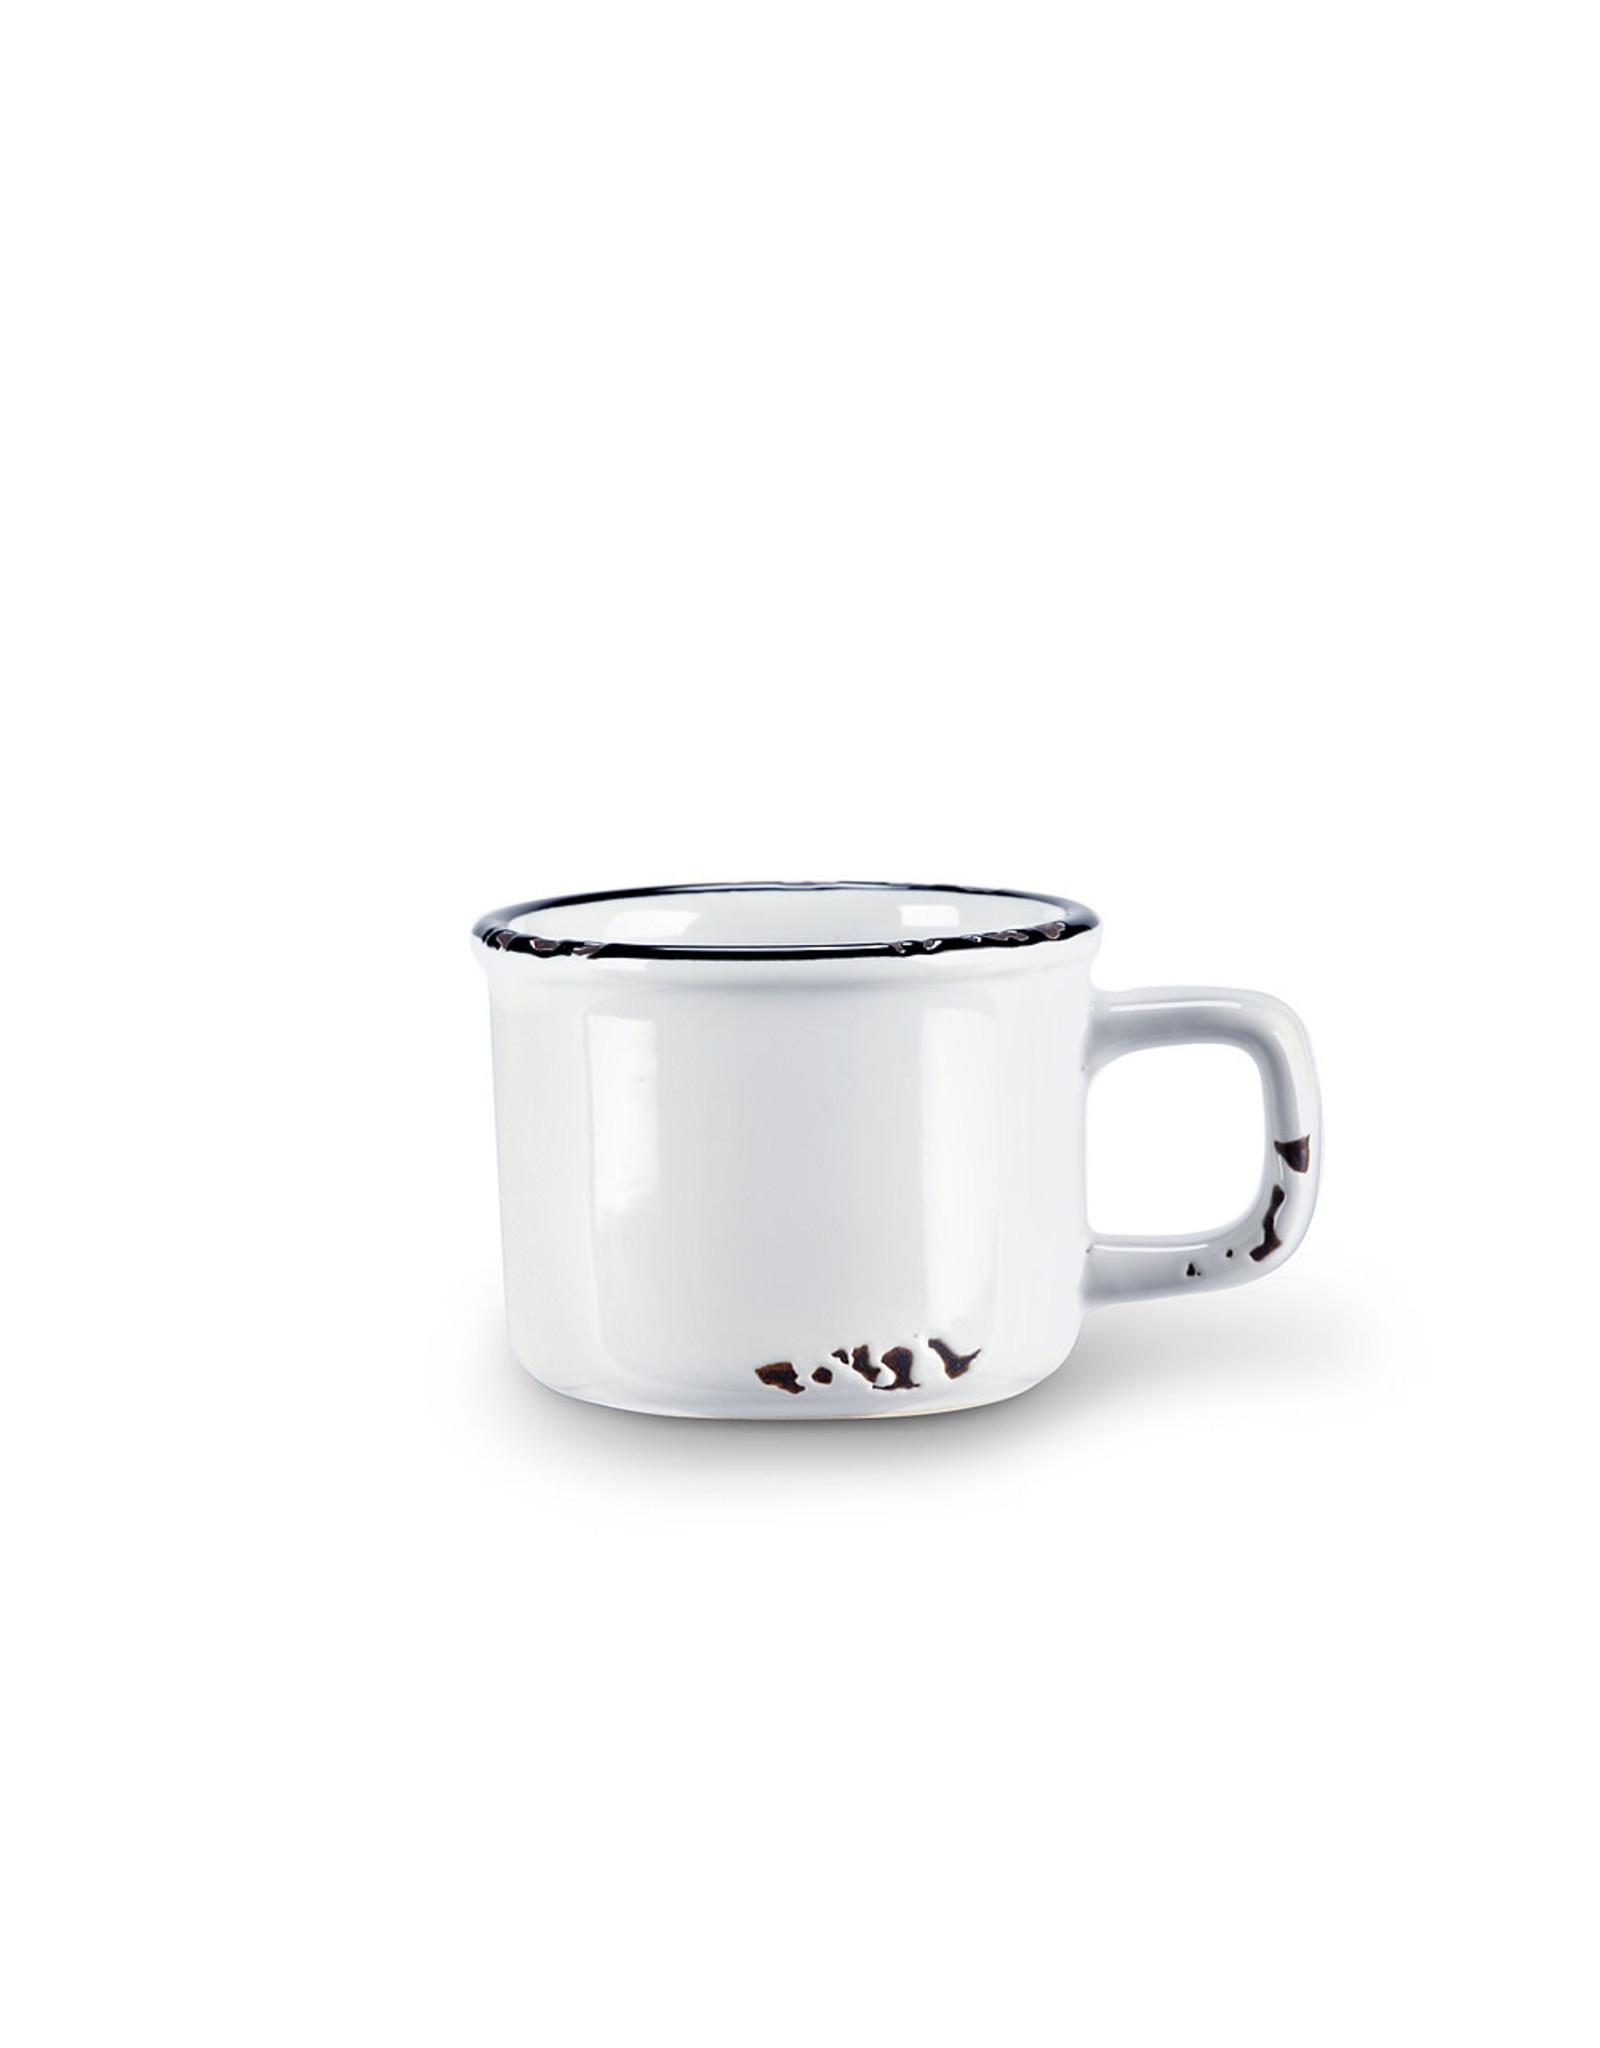 Tasse espresso blanche en grès (3 oz)